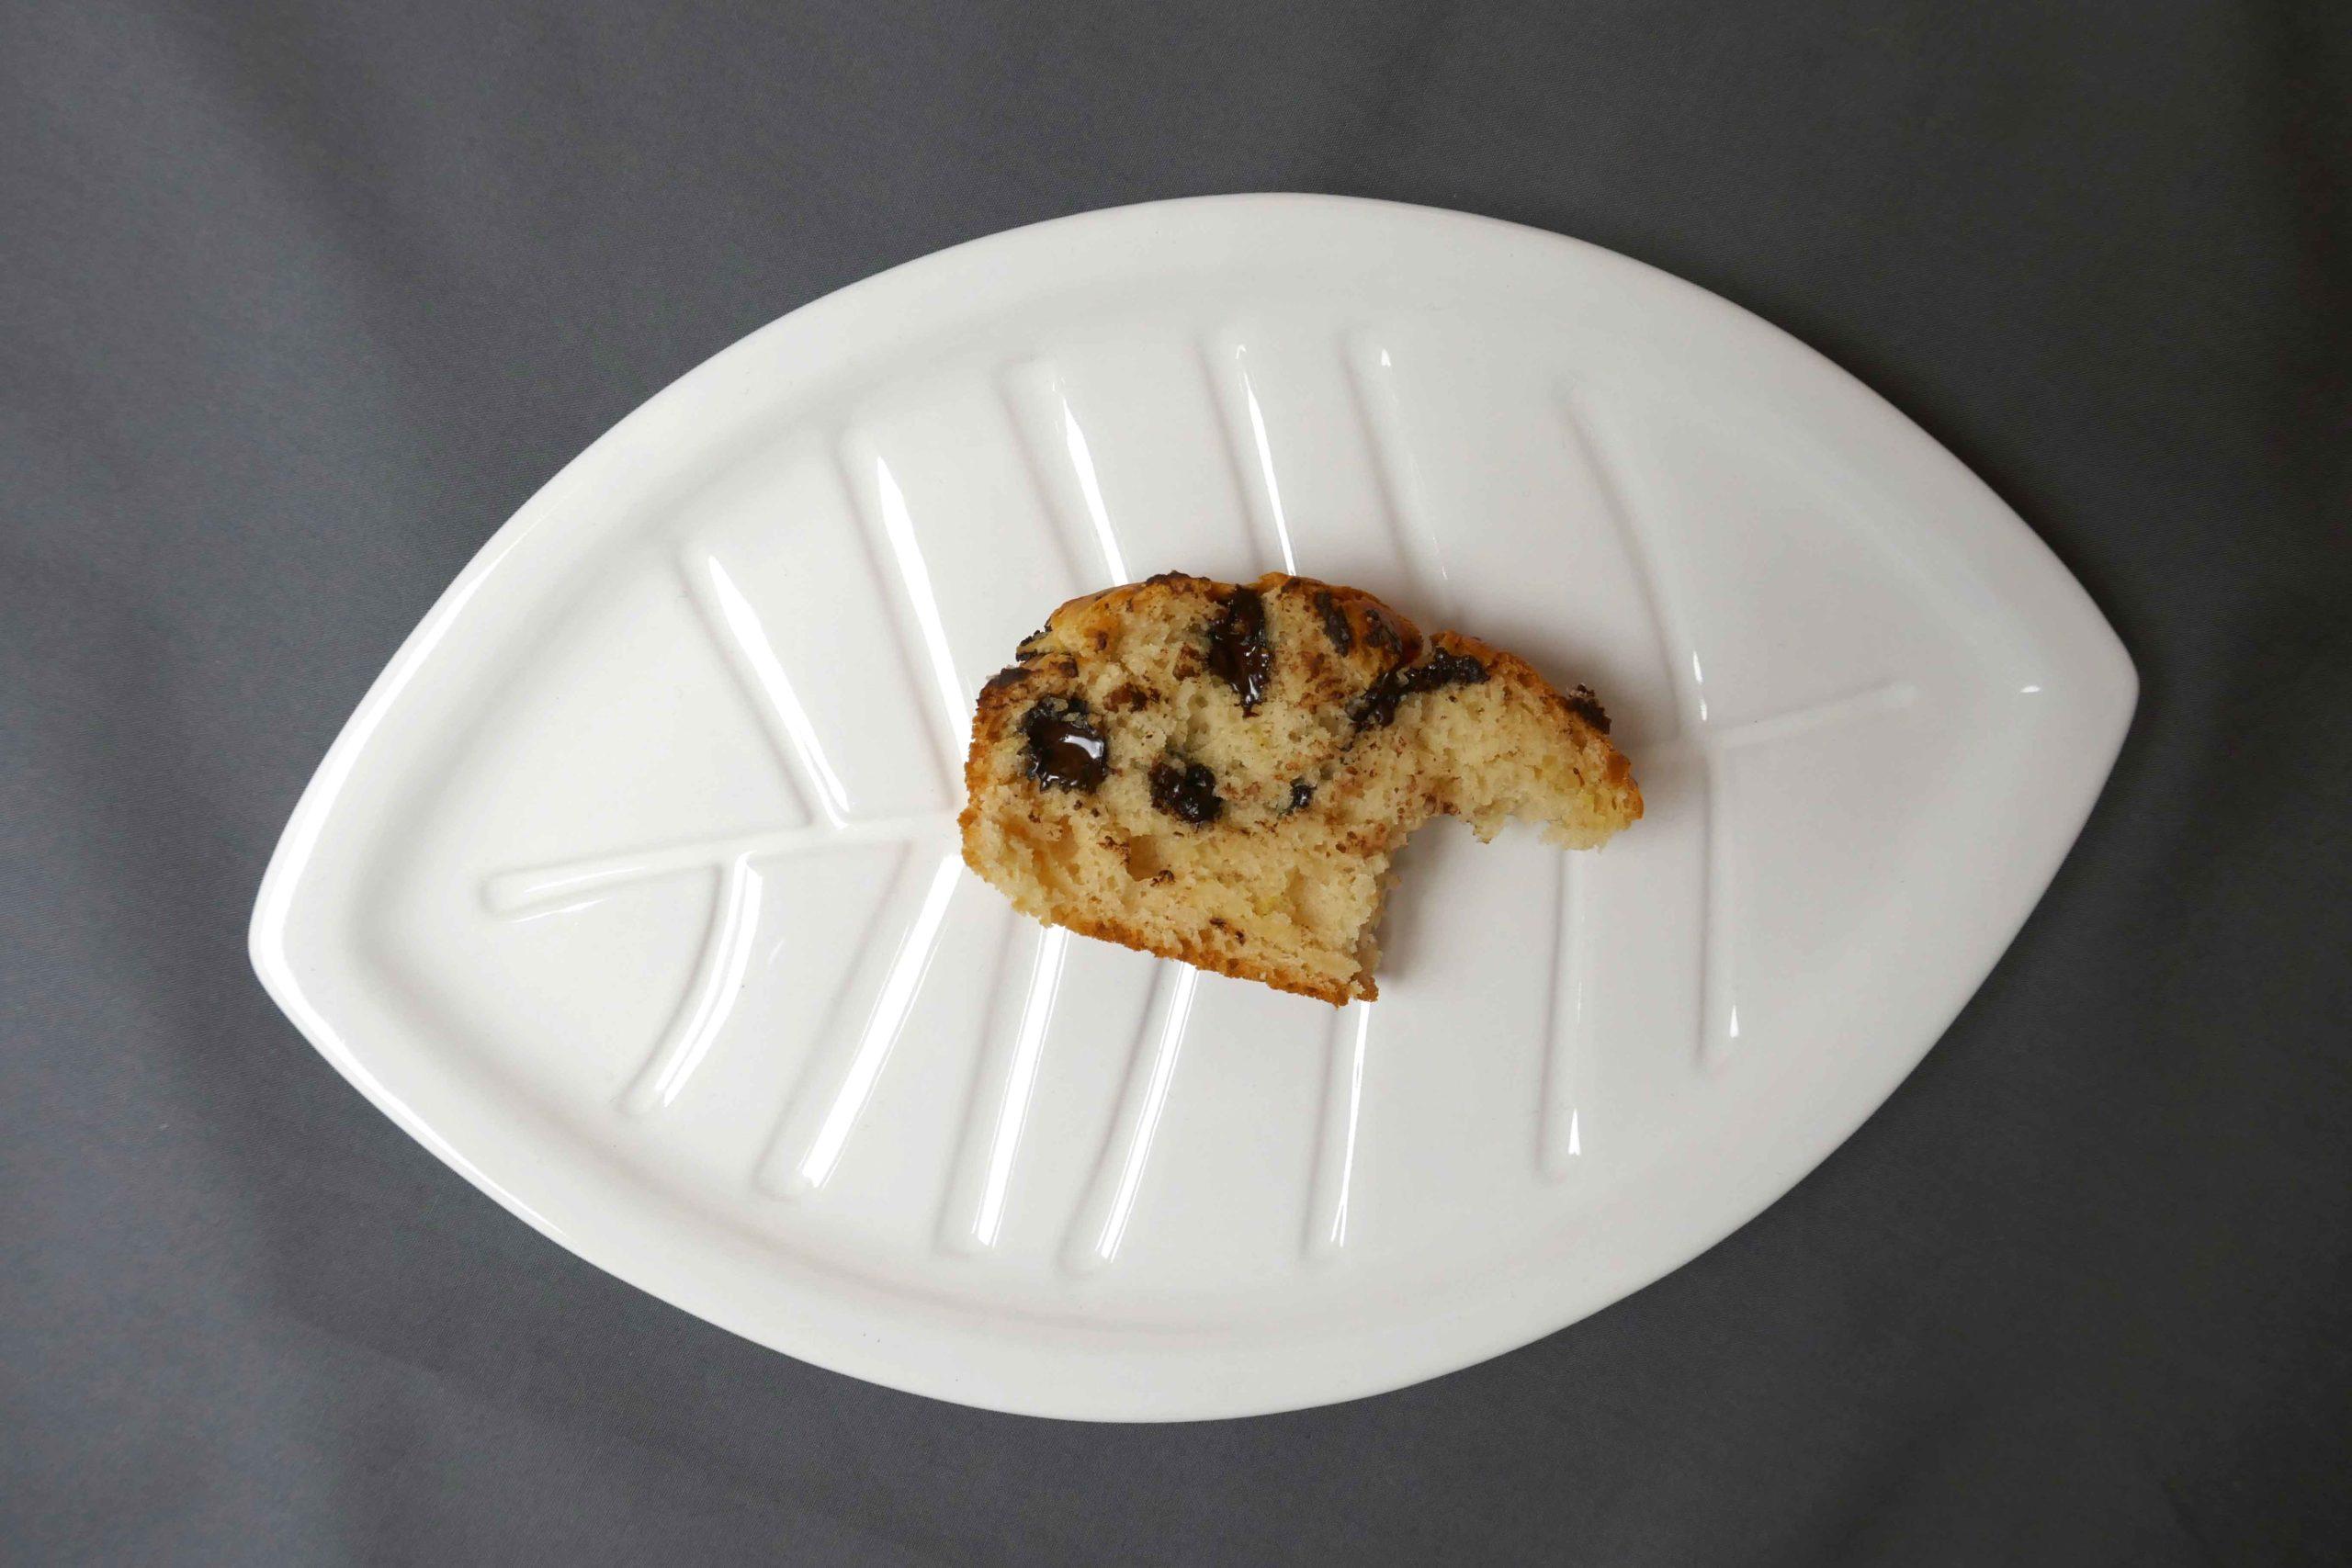 Scheibe Zitronenkuchen mit Schokostückchen auf einem Teller mit Blattform